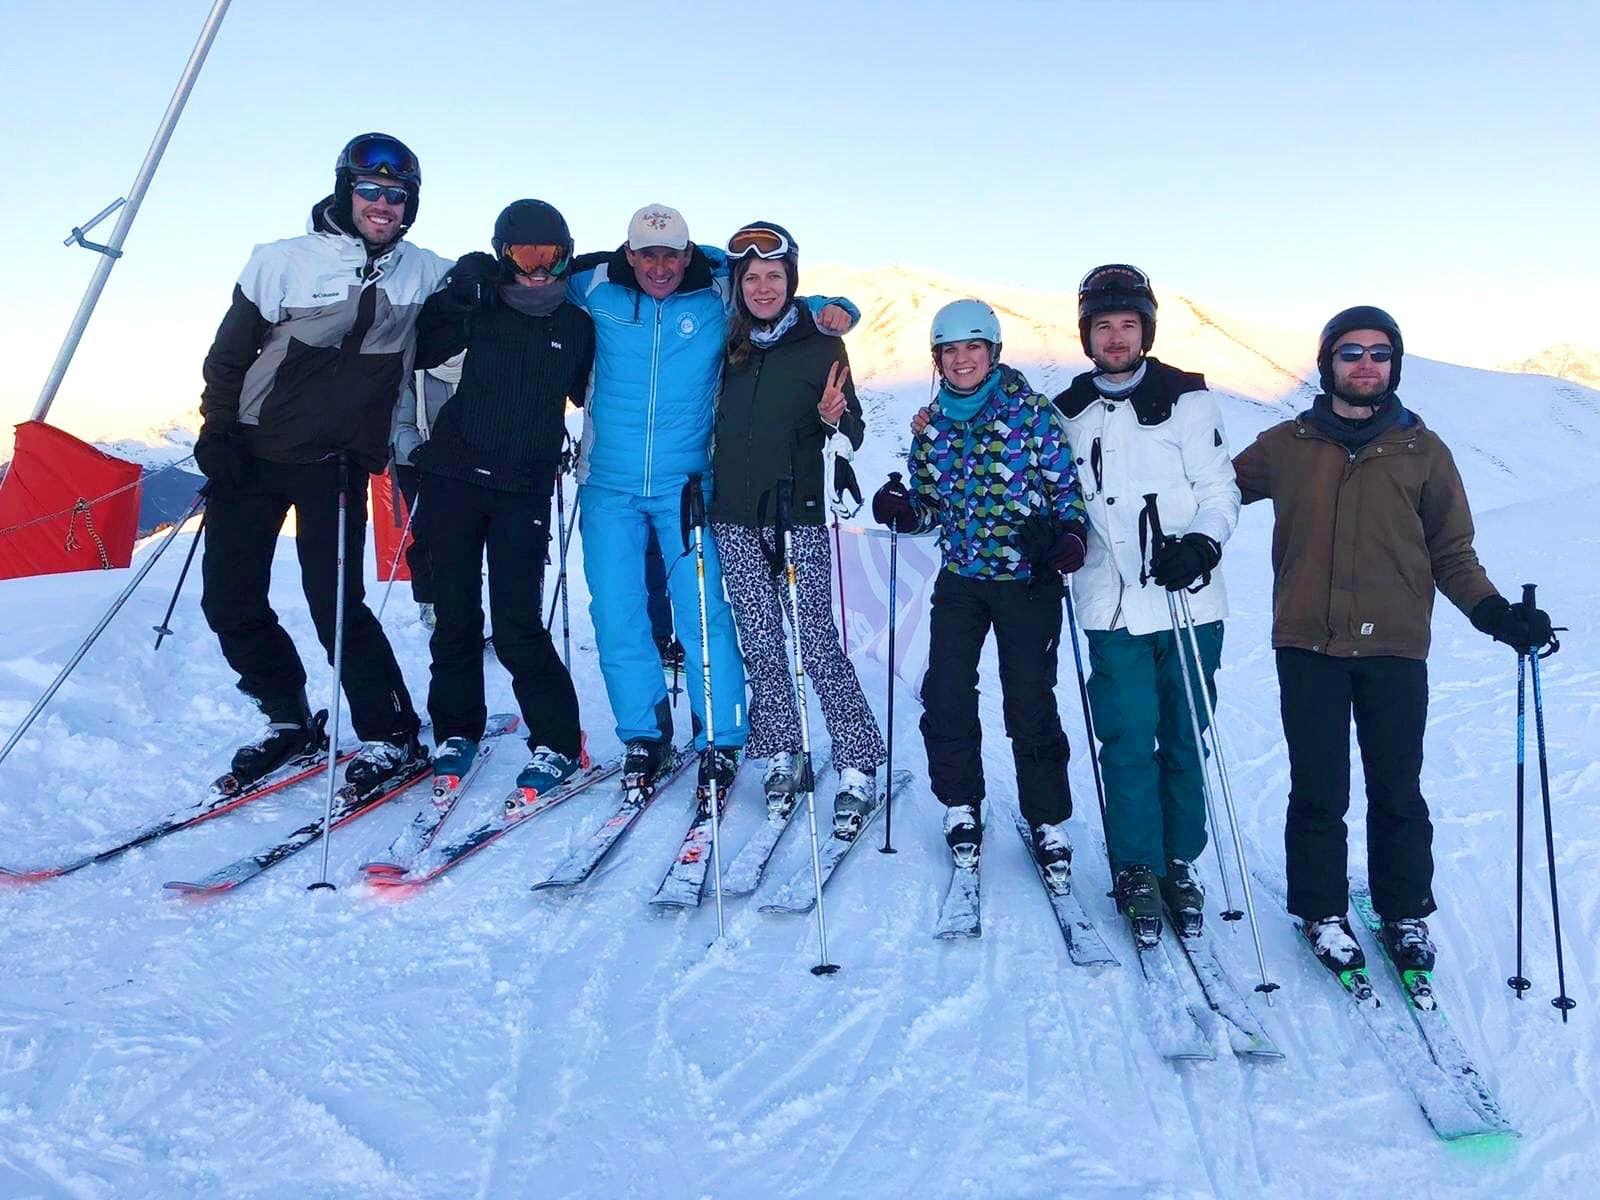 Cours de ski Adultes - Basse saison